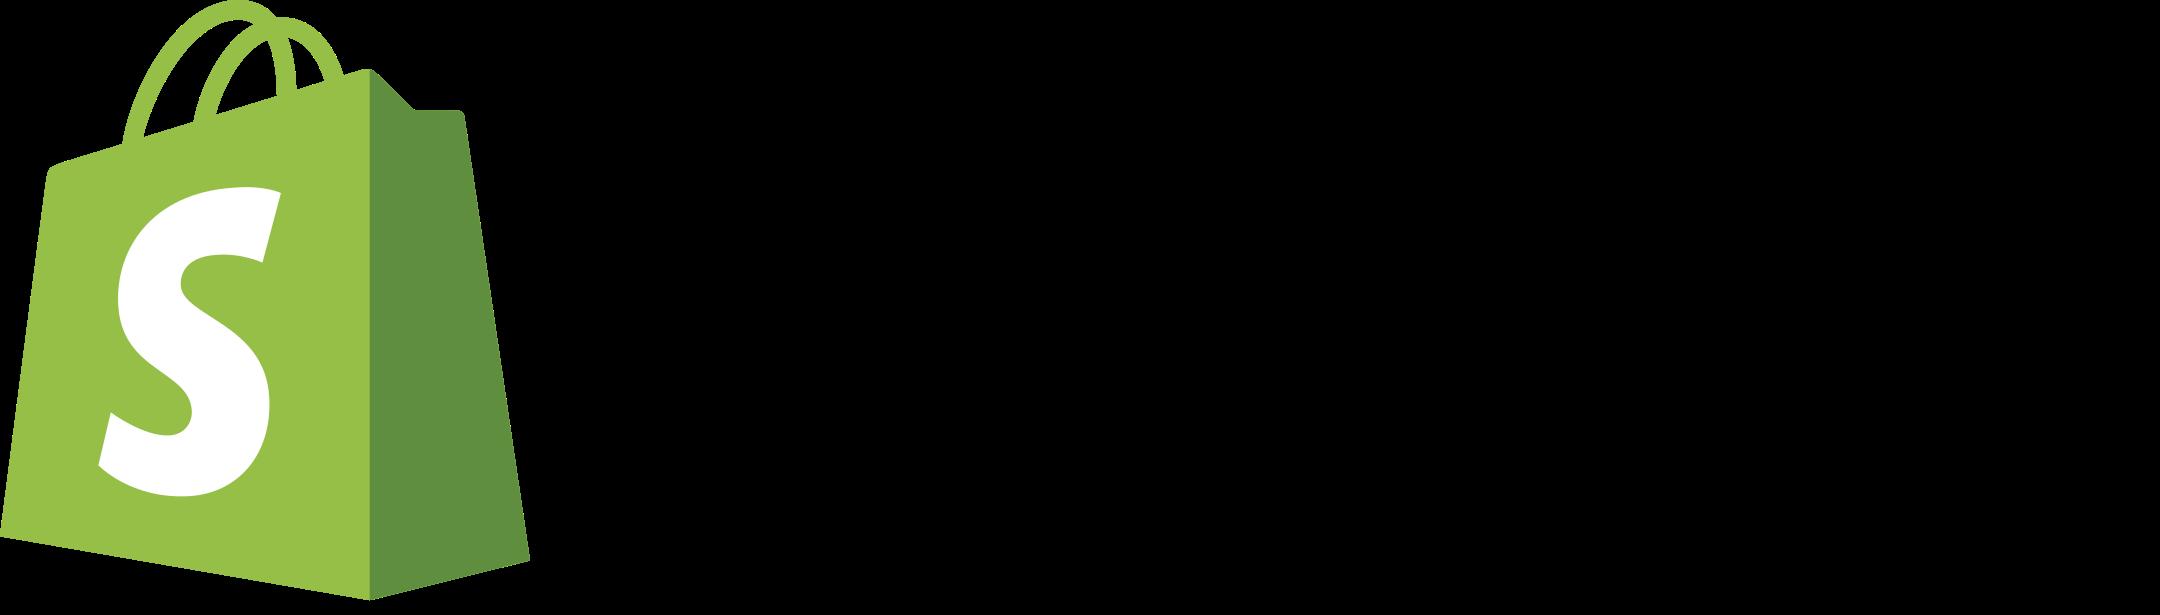 shopify logo 1 - Shopify Logo